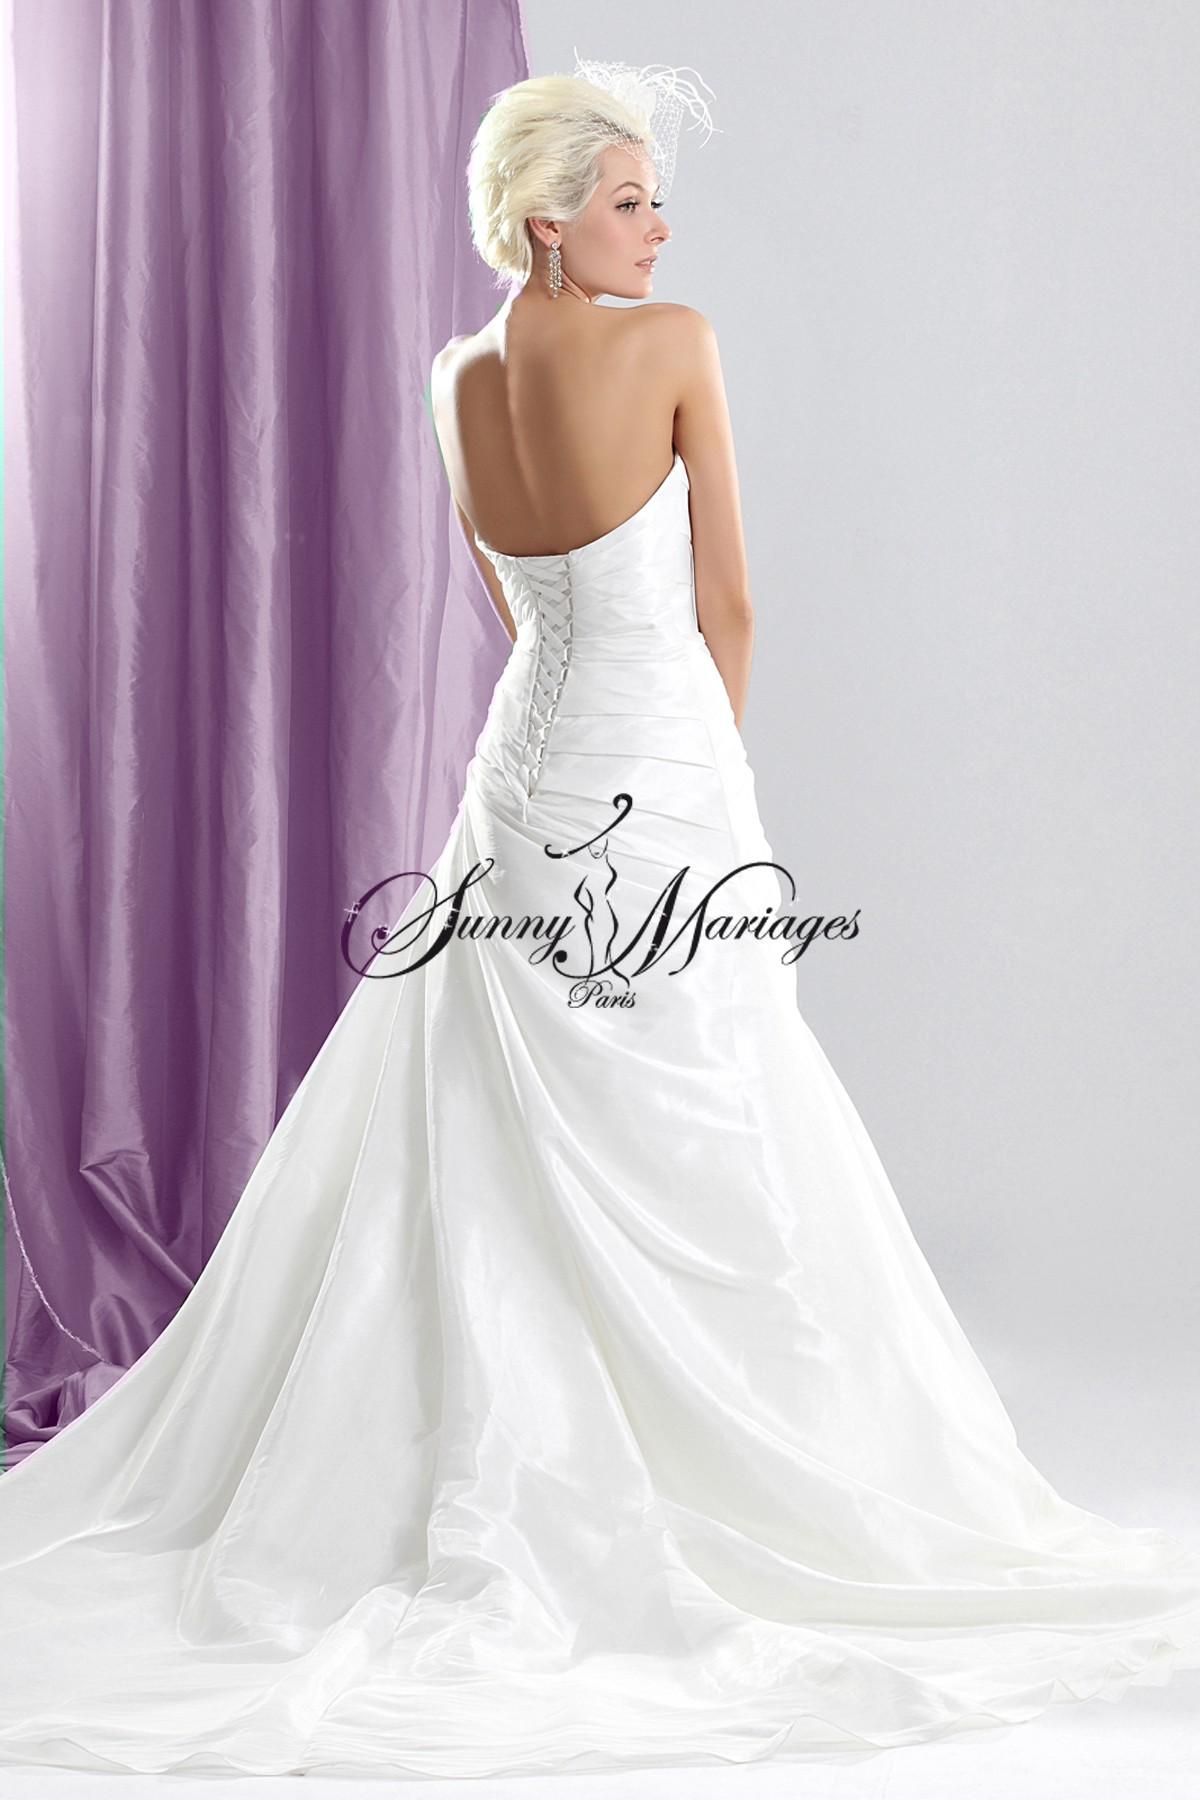 robe de mariee bustier propos e en plus de 30 couleurs sunny mariage. Black Bedroom Furniture Sets. Home Design Ideas